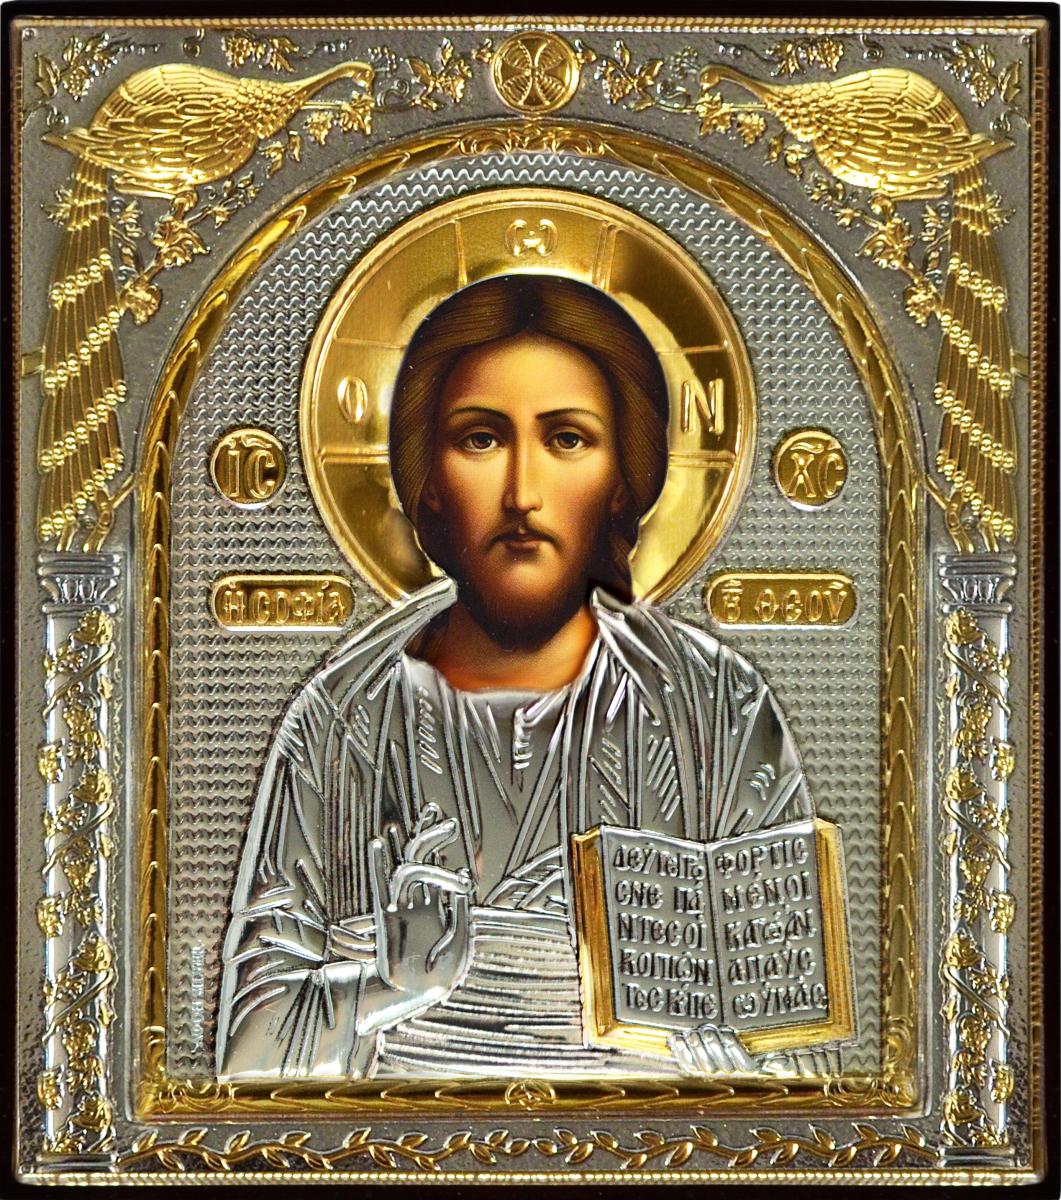 """Икона иисуса христа """"царь славы"""": значение и правила моления"""